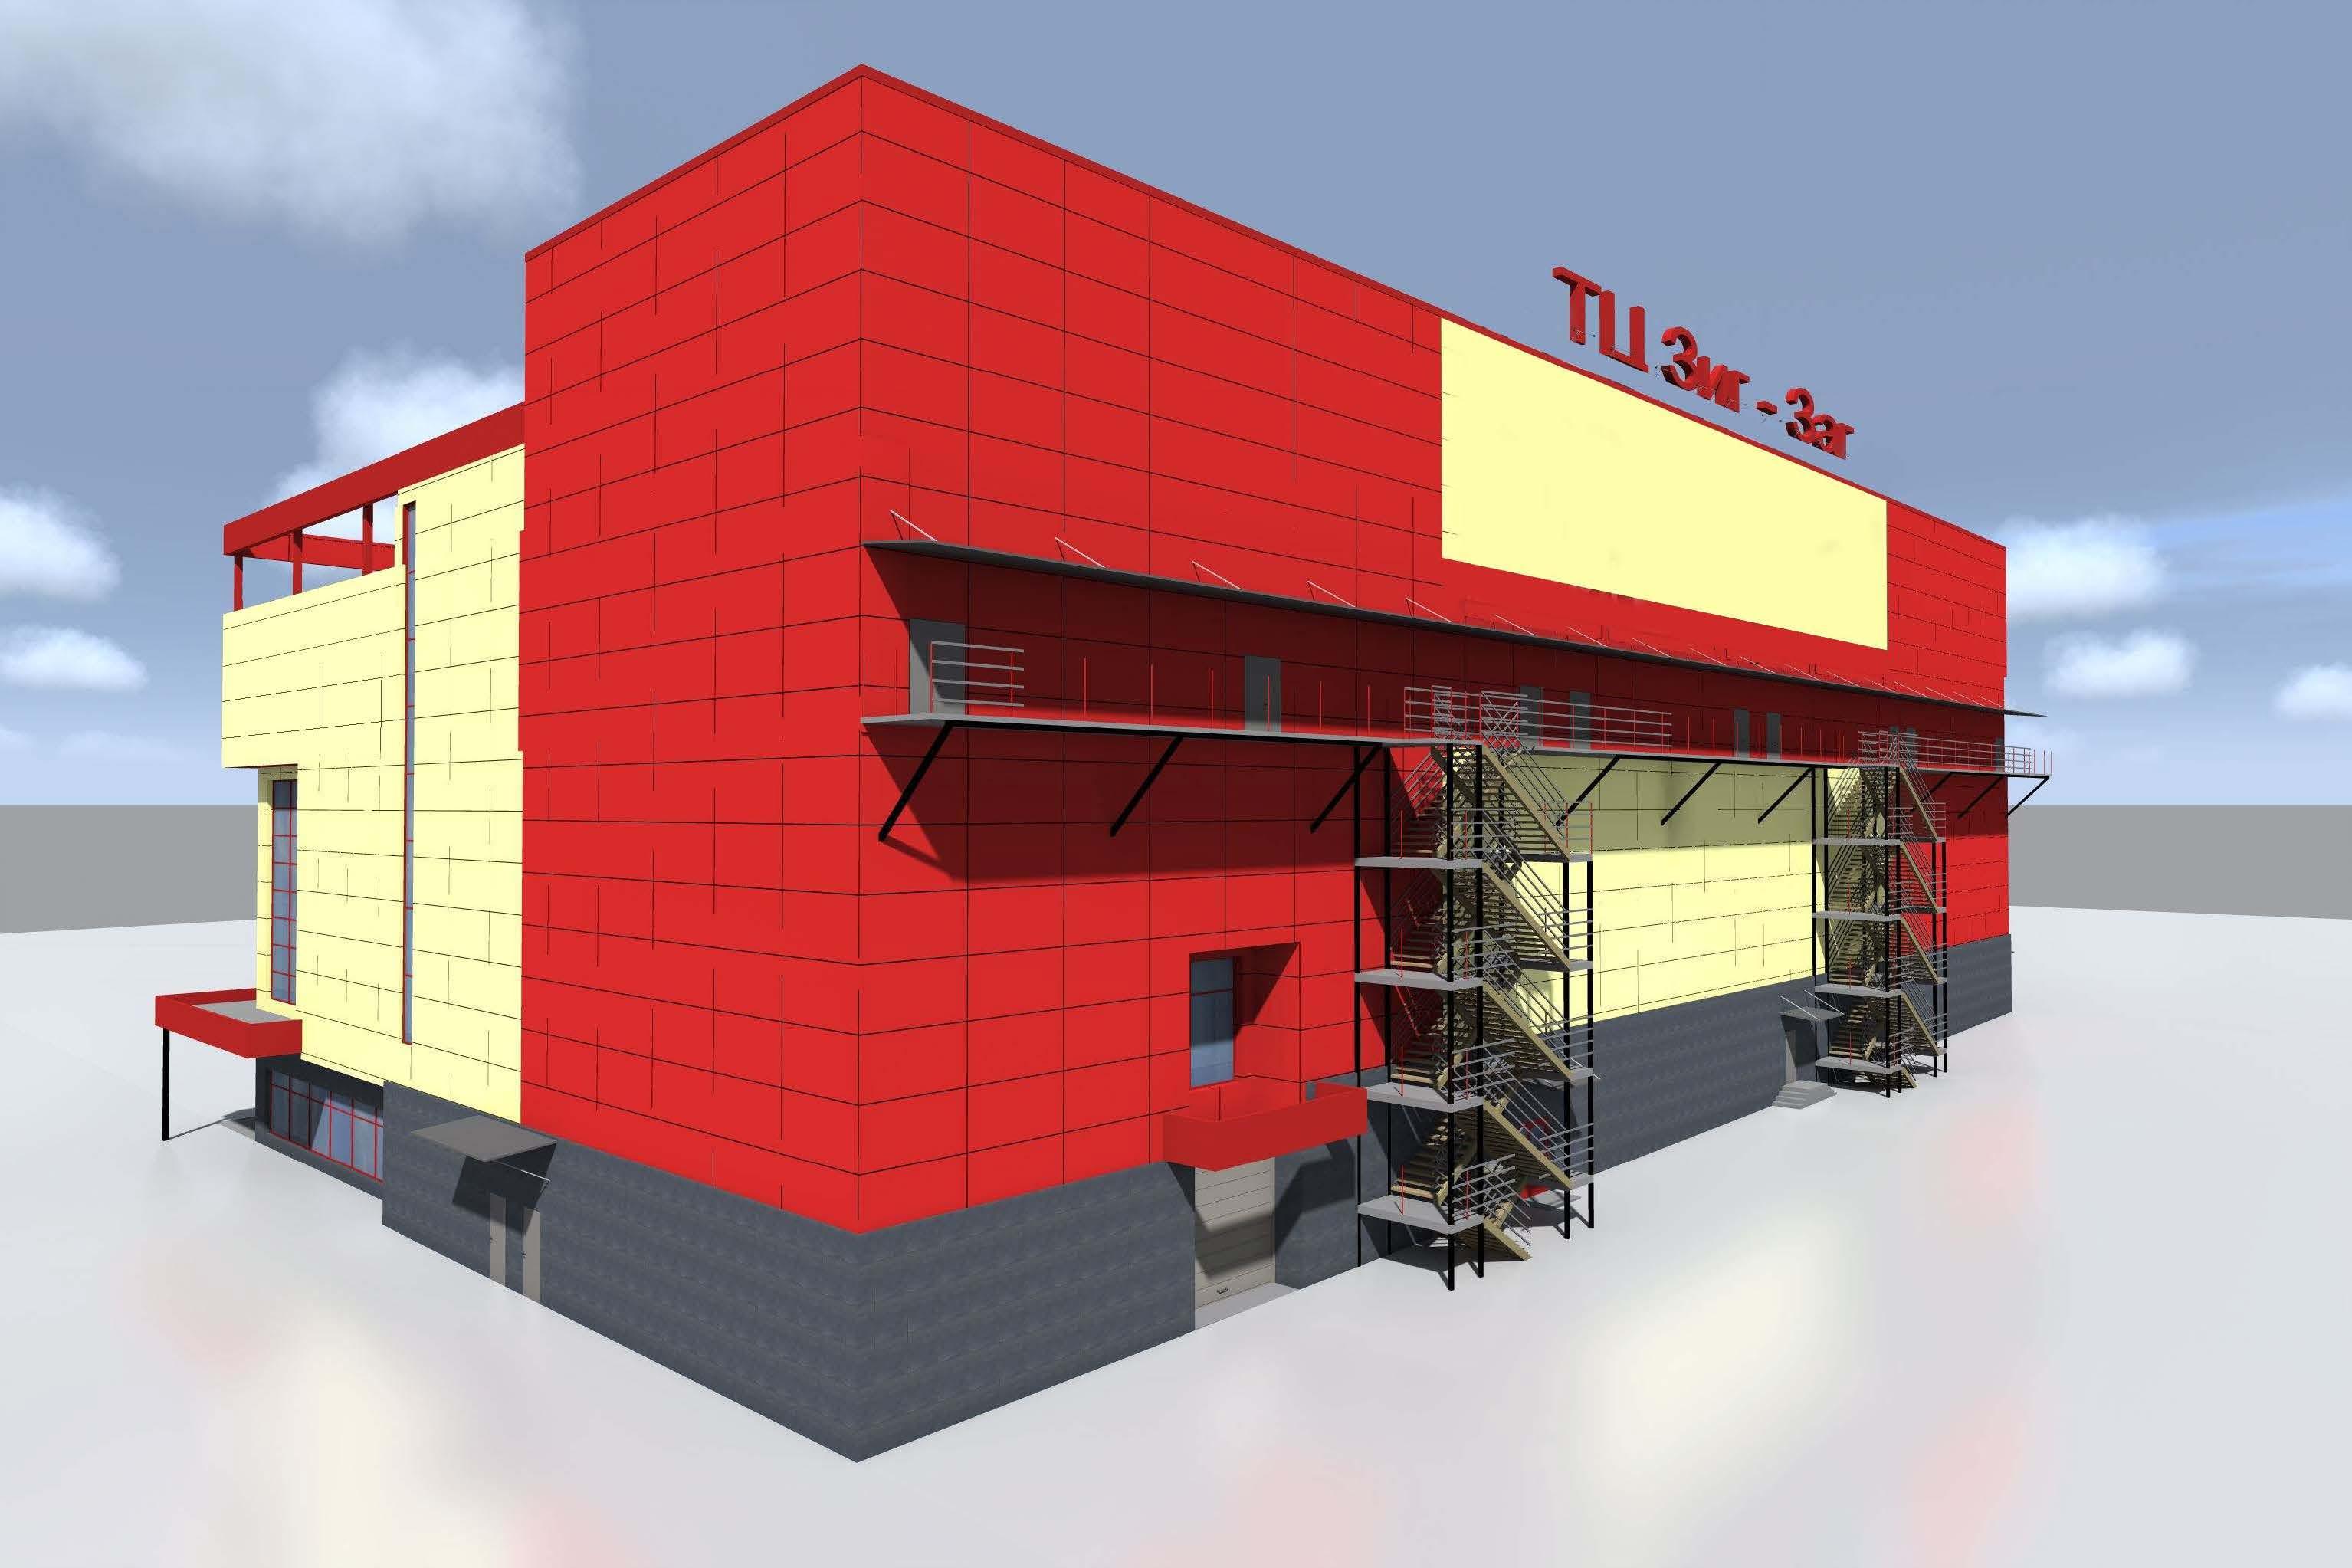 Второй этап строительства ТРЦ «Зиг-Заг» общей площадью 28 000 м2. по адресу: г. Москва, ул. Лобненская. Строительство кинотеатра и развлекательной зоны